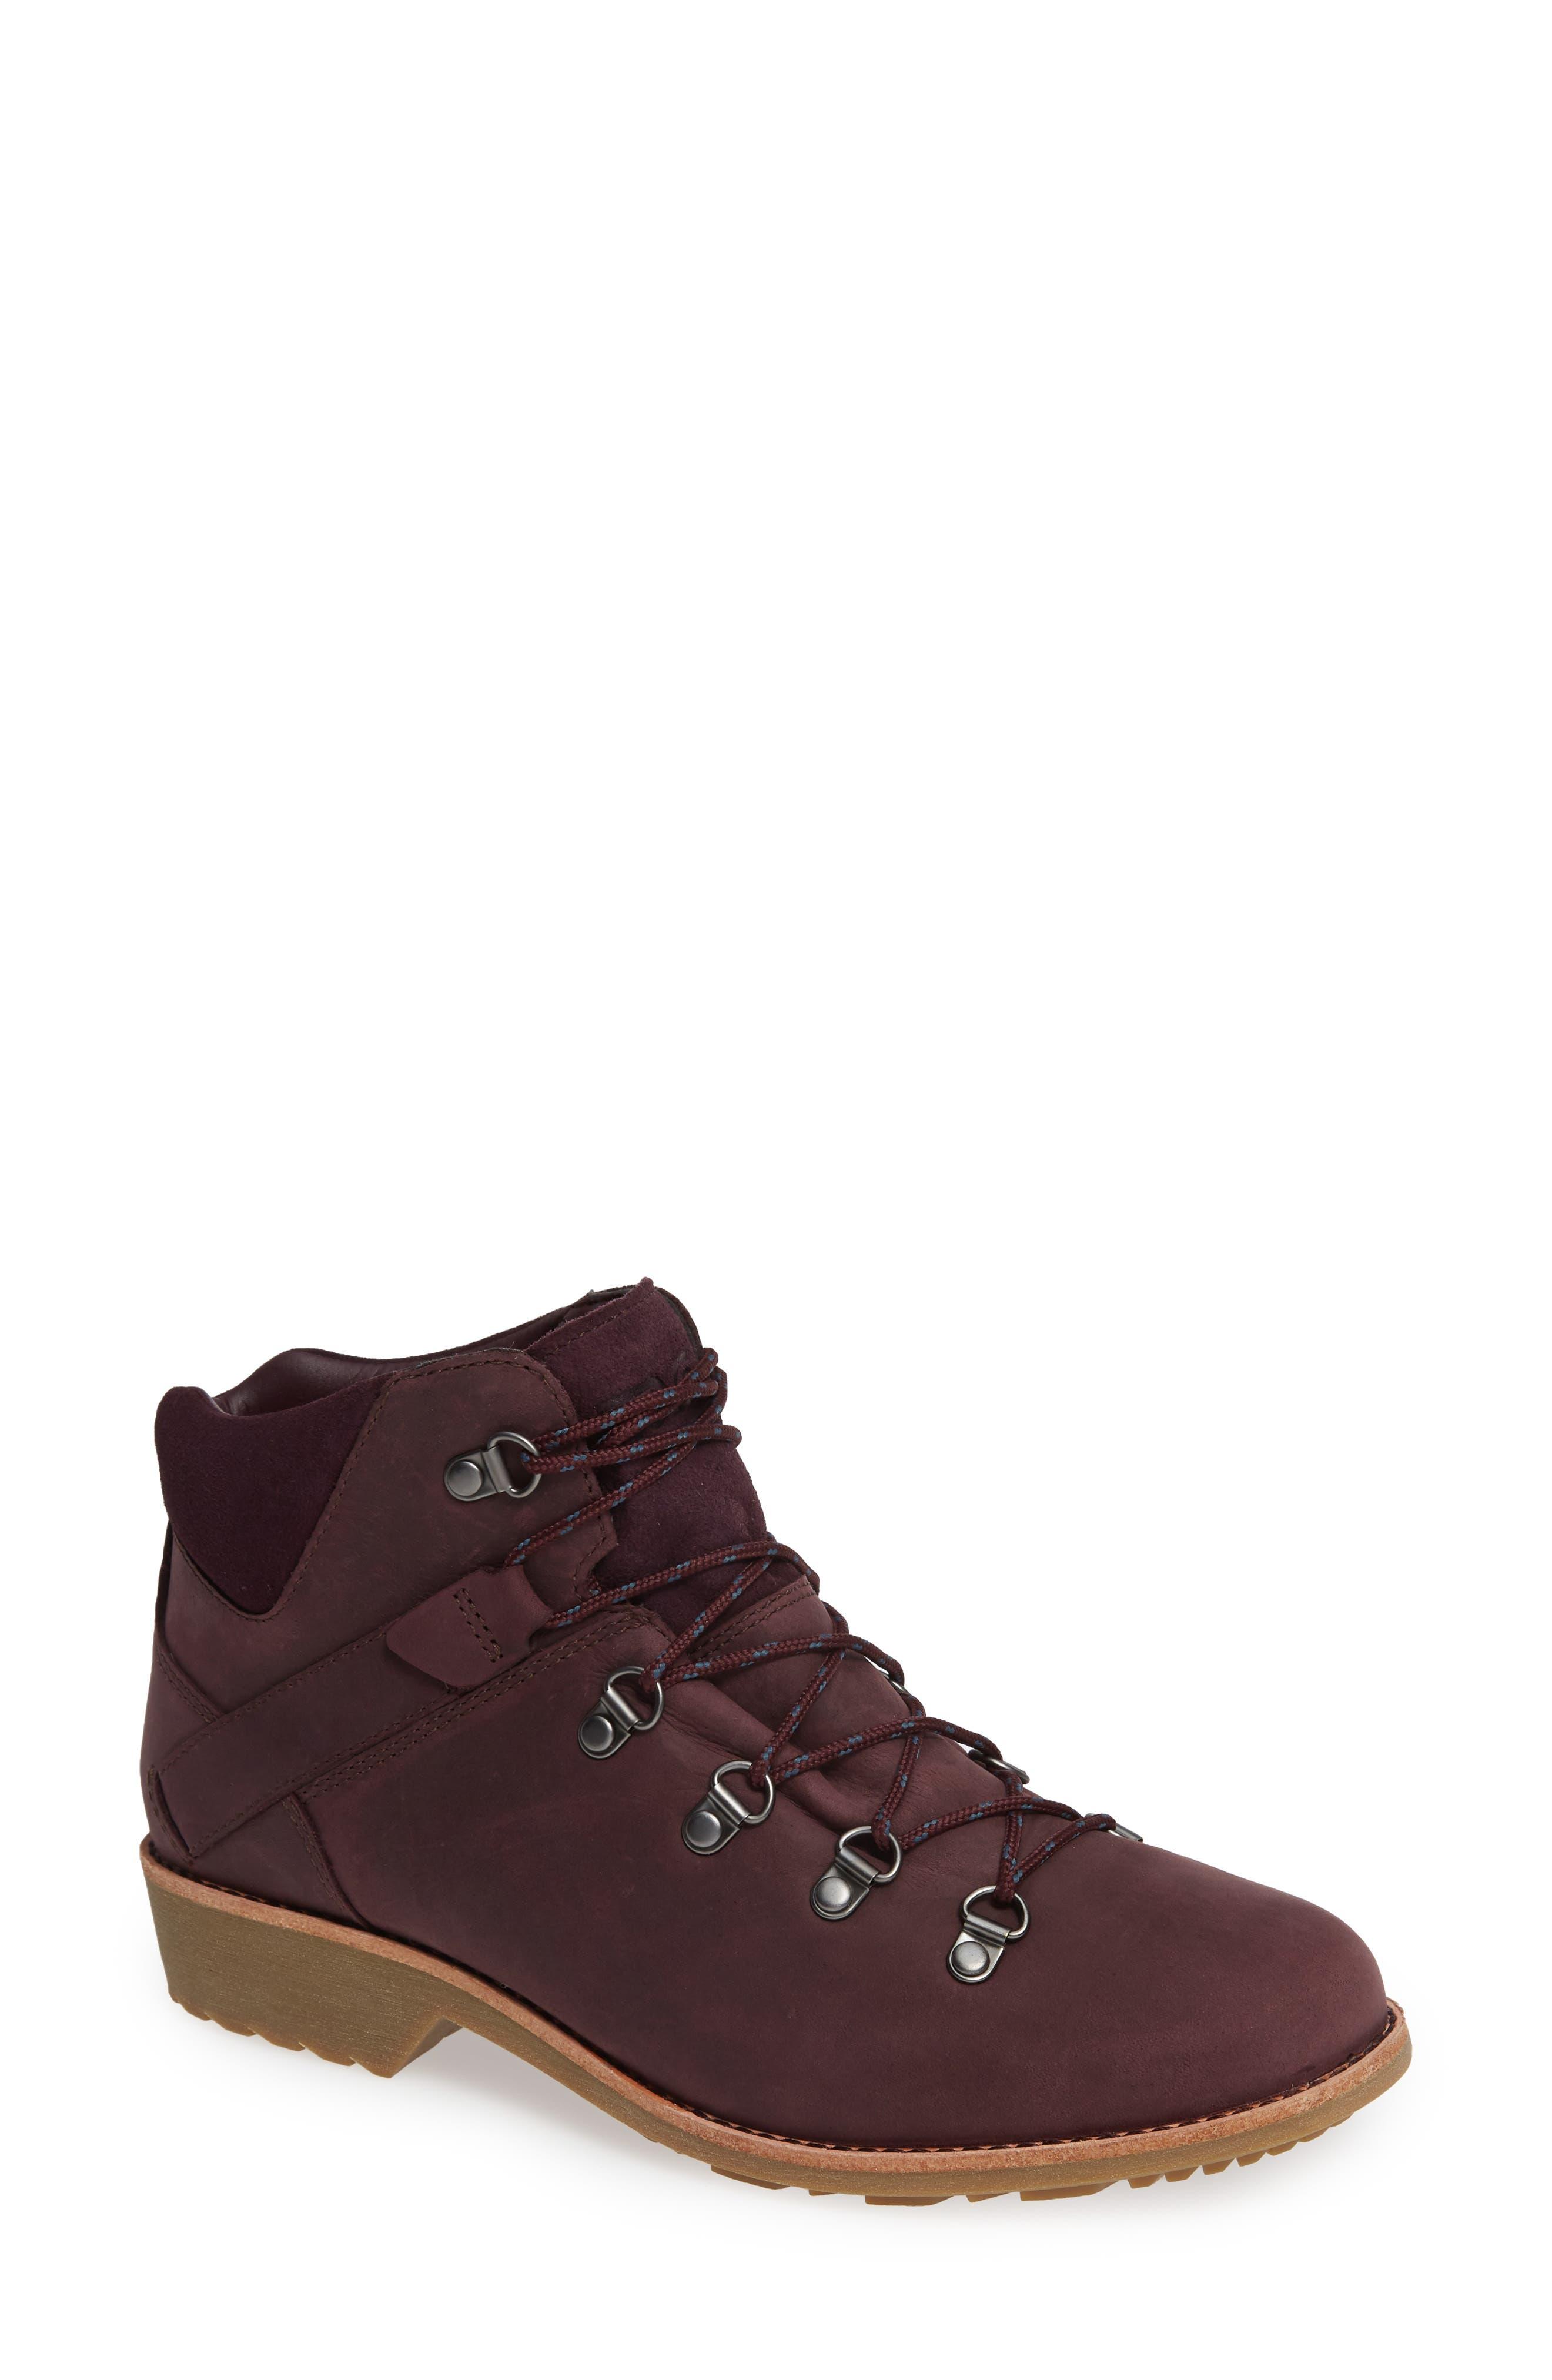 TEVA De La Vina Dos Alpine Waterproof Low Boot in Deep Wine Leather